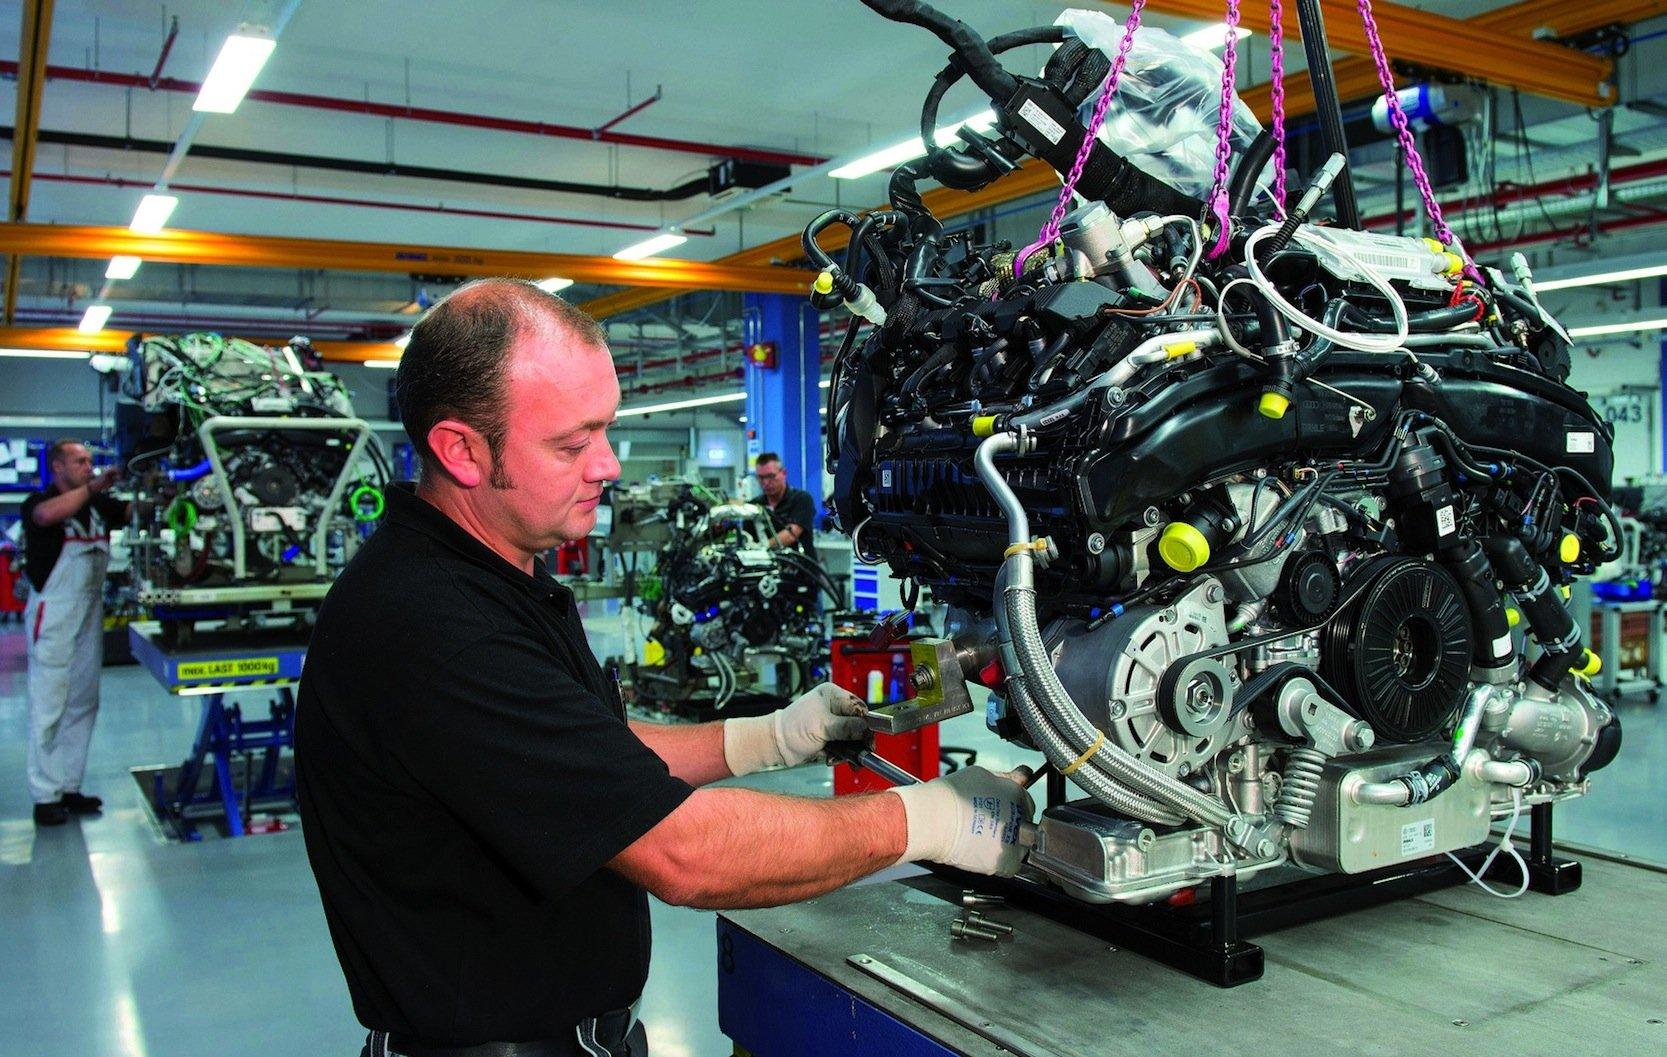 Audi-Motor im Werk Neckarsulm: Der3.0-l-TDI-Dieselmotor in den USA verfügt über eine Manipulationssoftware, die eigens von Audi entwickelt worden sein soll.